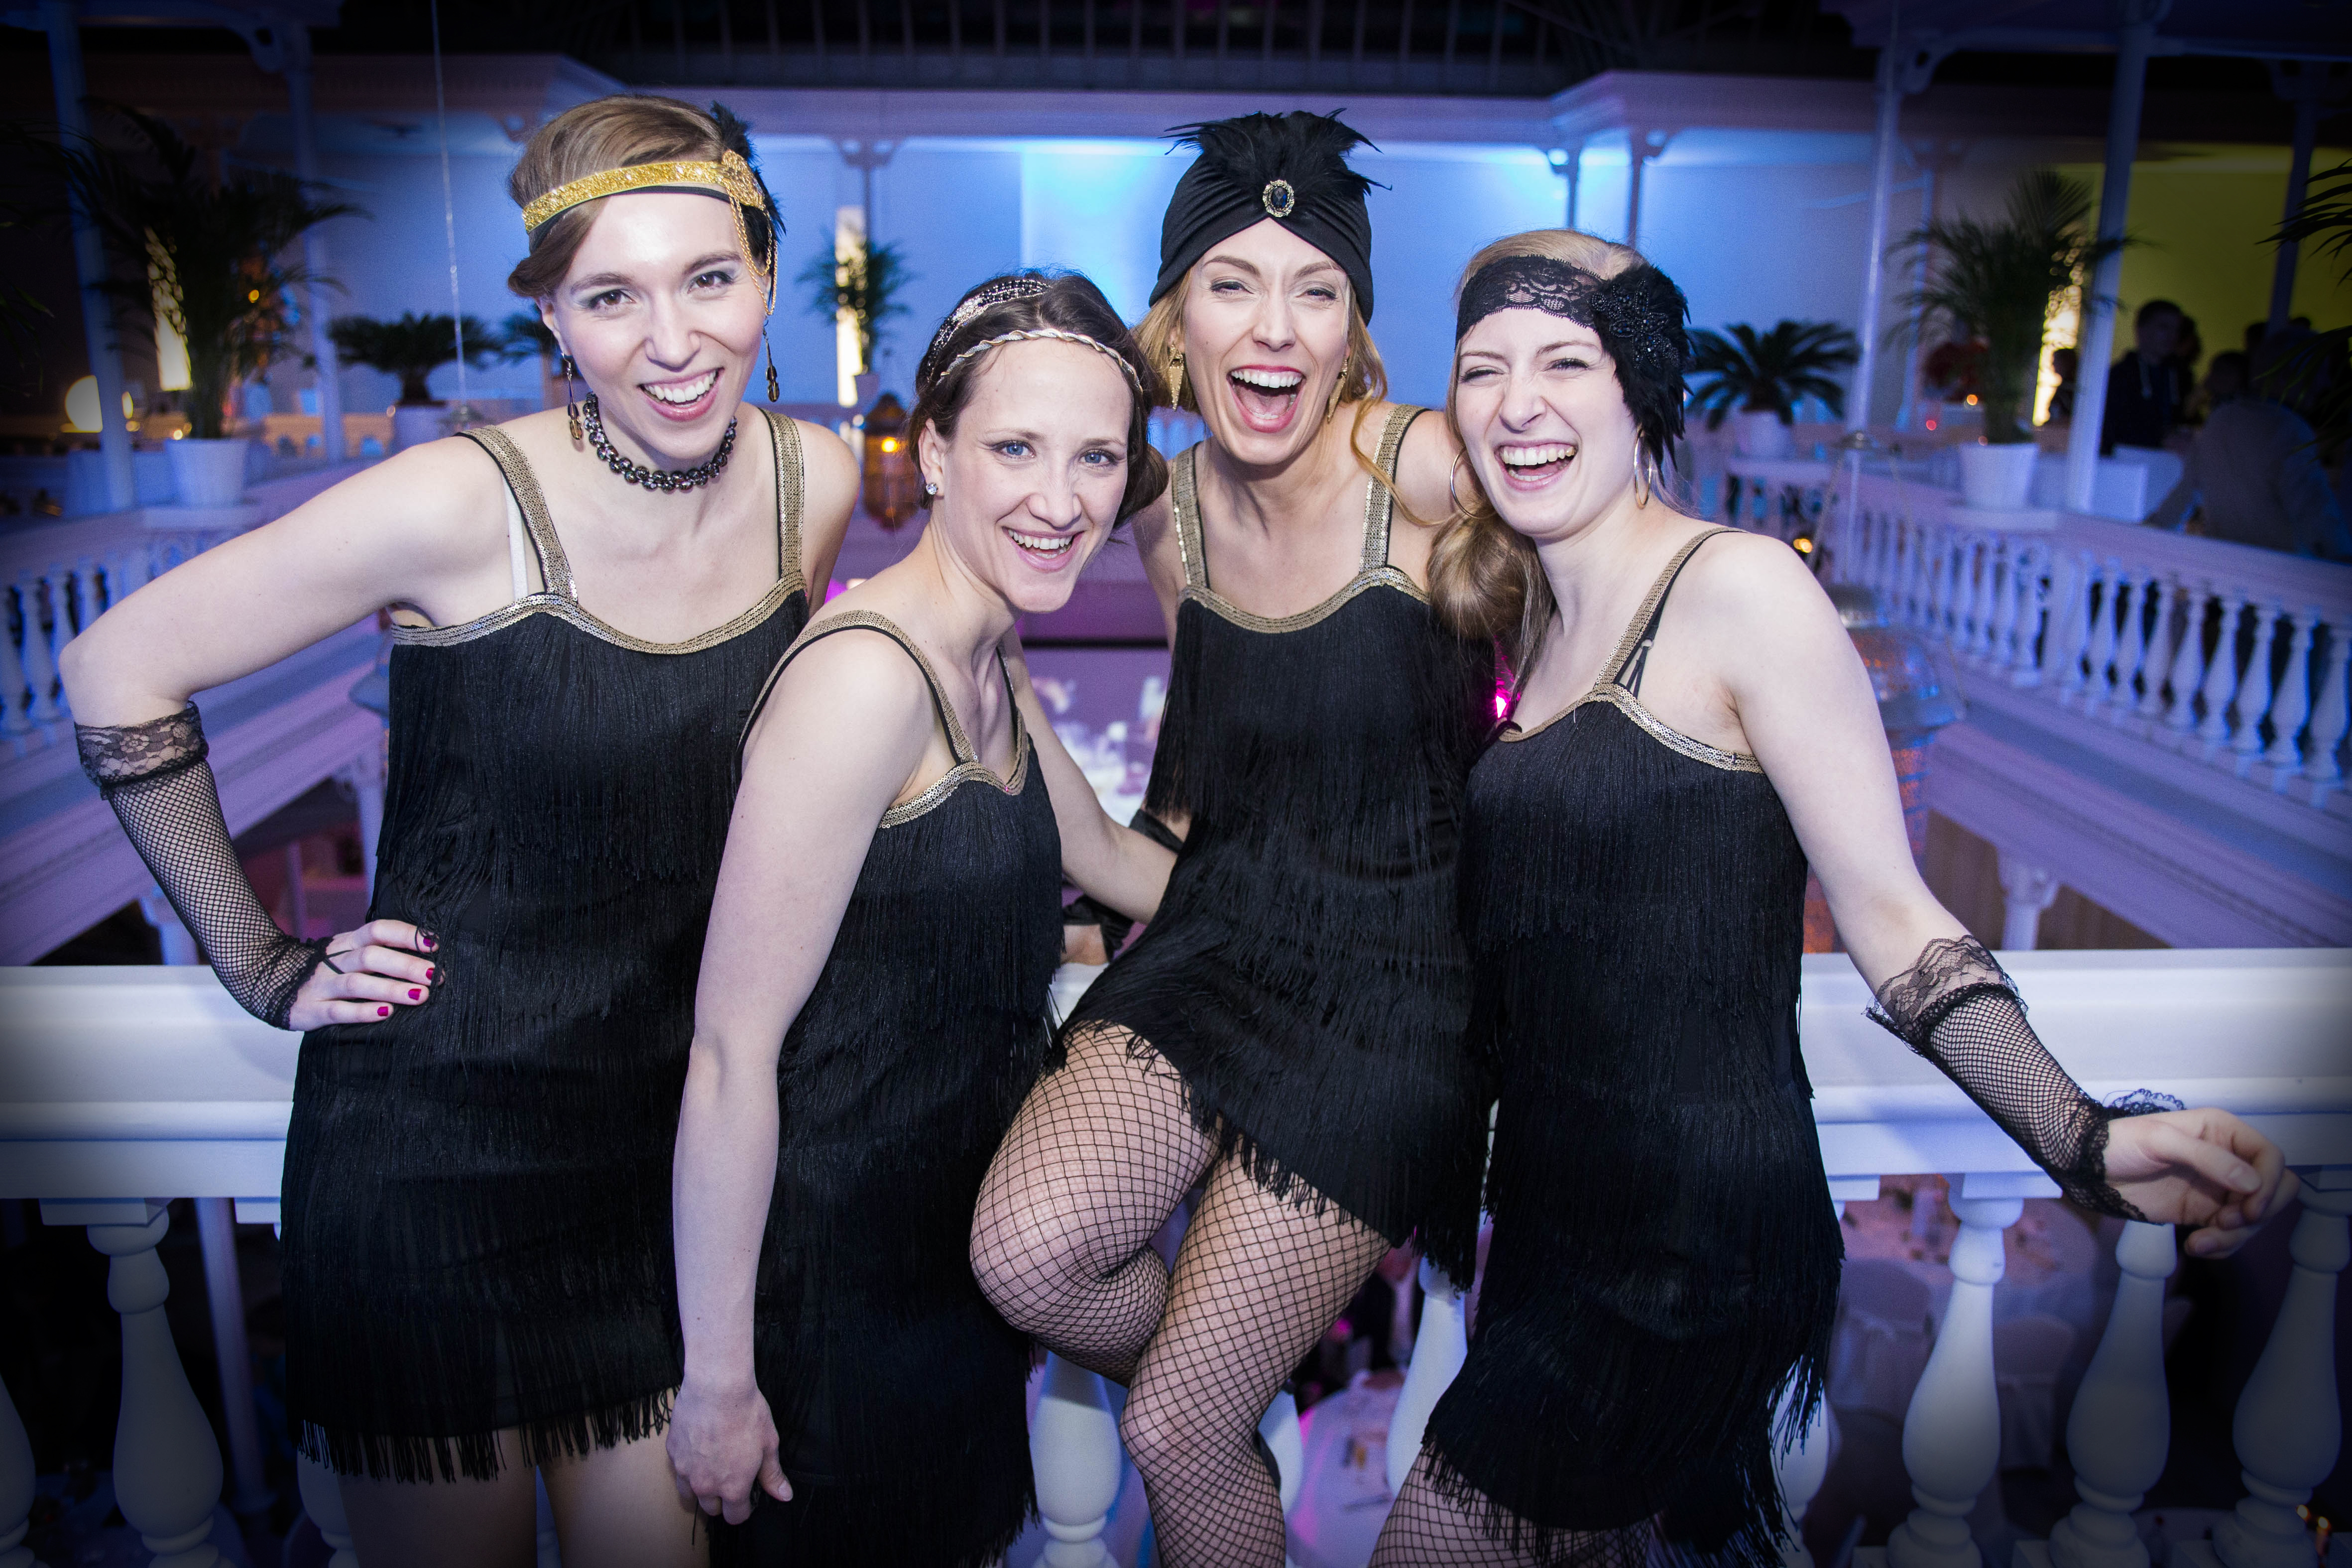 MissMobile-20er Jahre livemusik